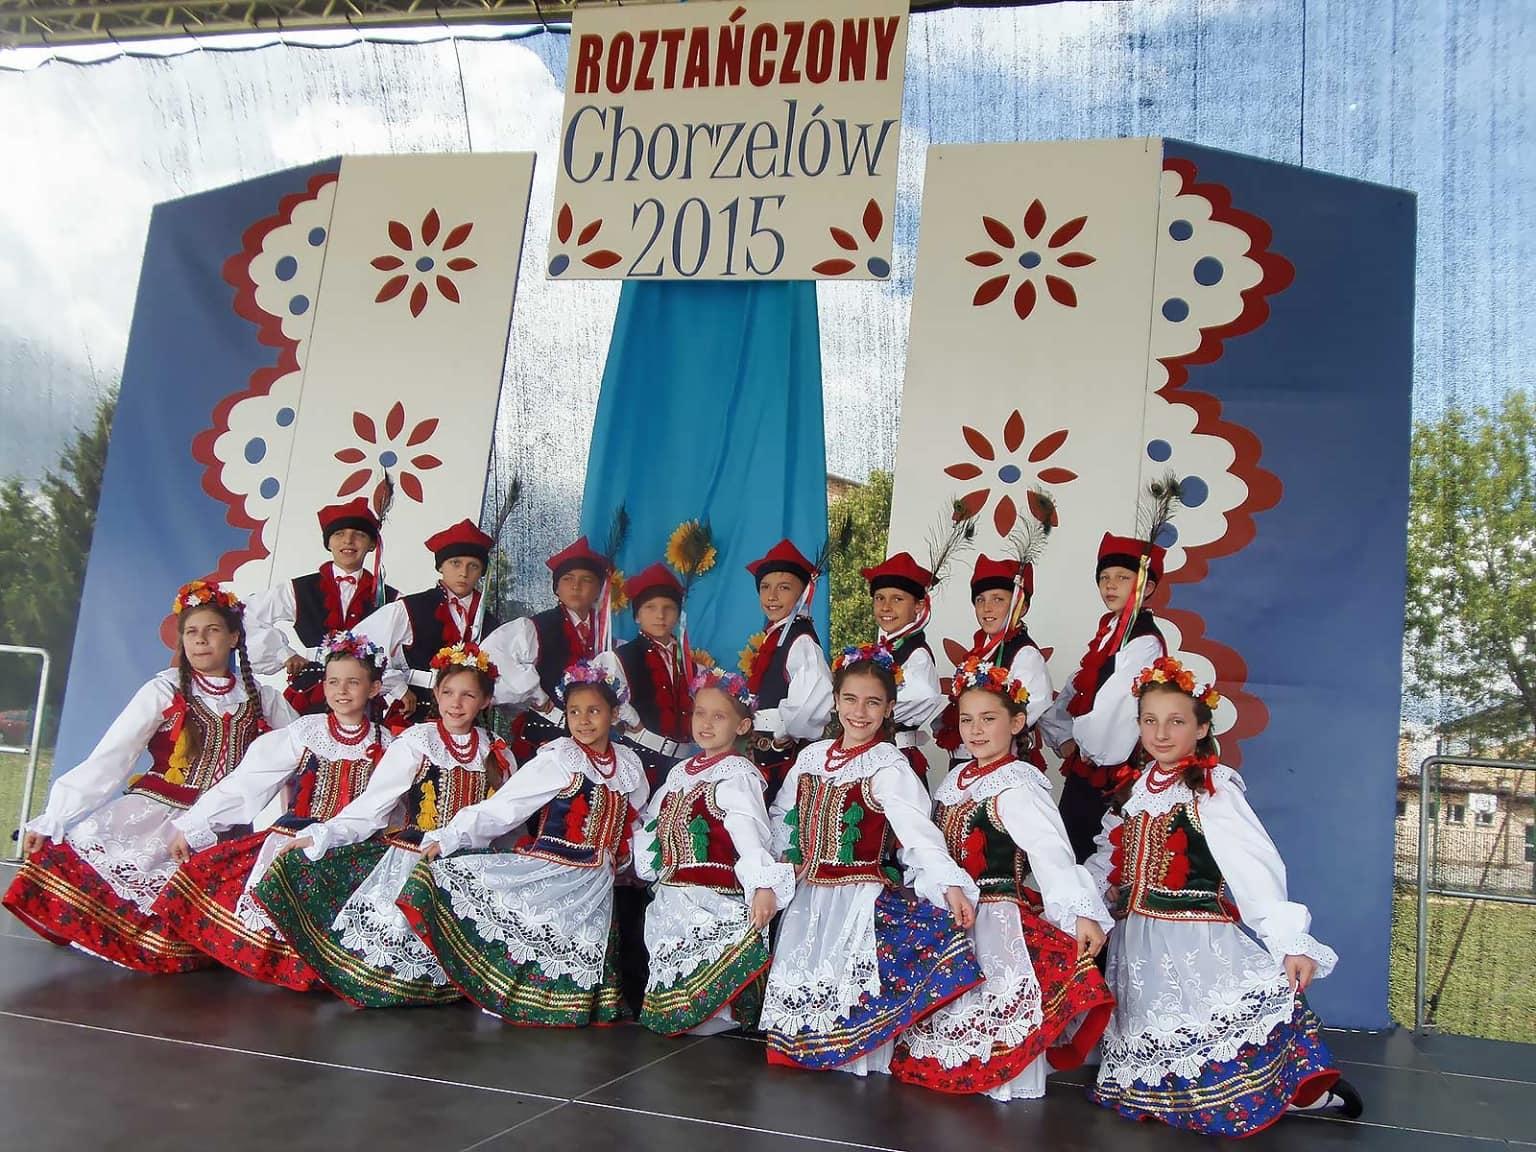 """VIII Podkarpacki Jarmark Ludowy """"Roztańczony Chorzelów"""", Chorzelów 2015 r."""